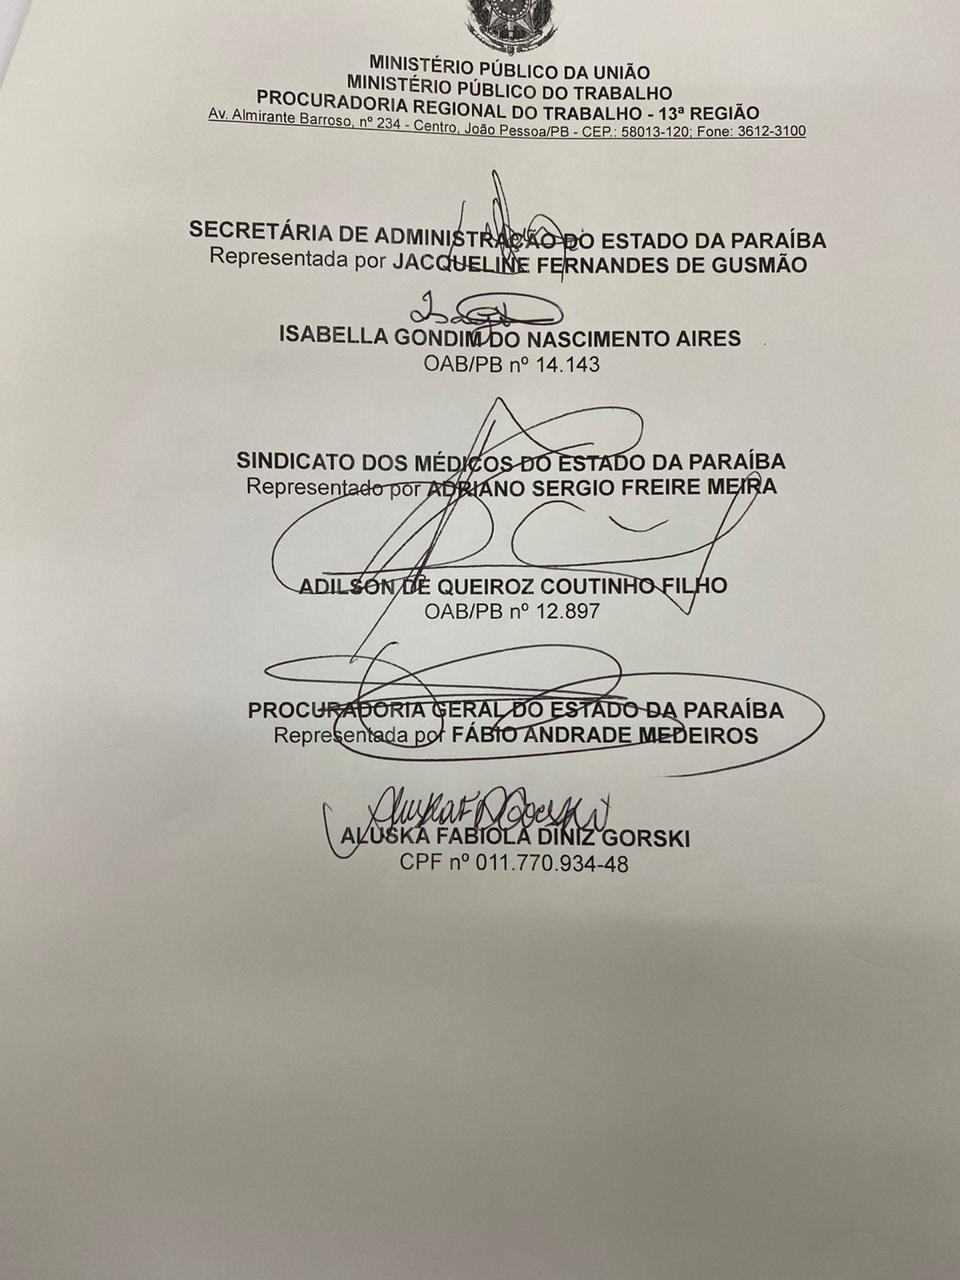 ccba06d5 75e2 4dcf 868f 679cde6f71f6 - DECISÃO: Governo do Estado não poderá contratar pessoas jurídicas para o Hospital de Trauma da Capital